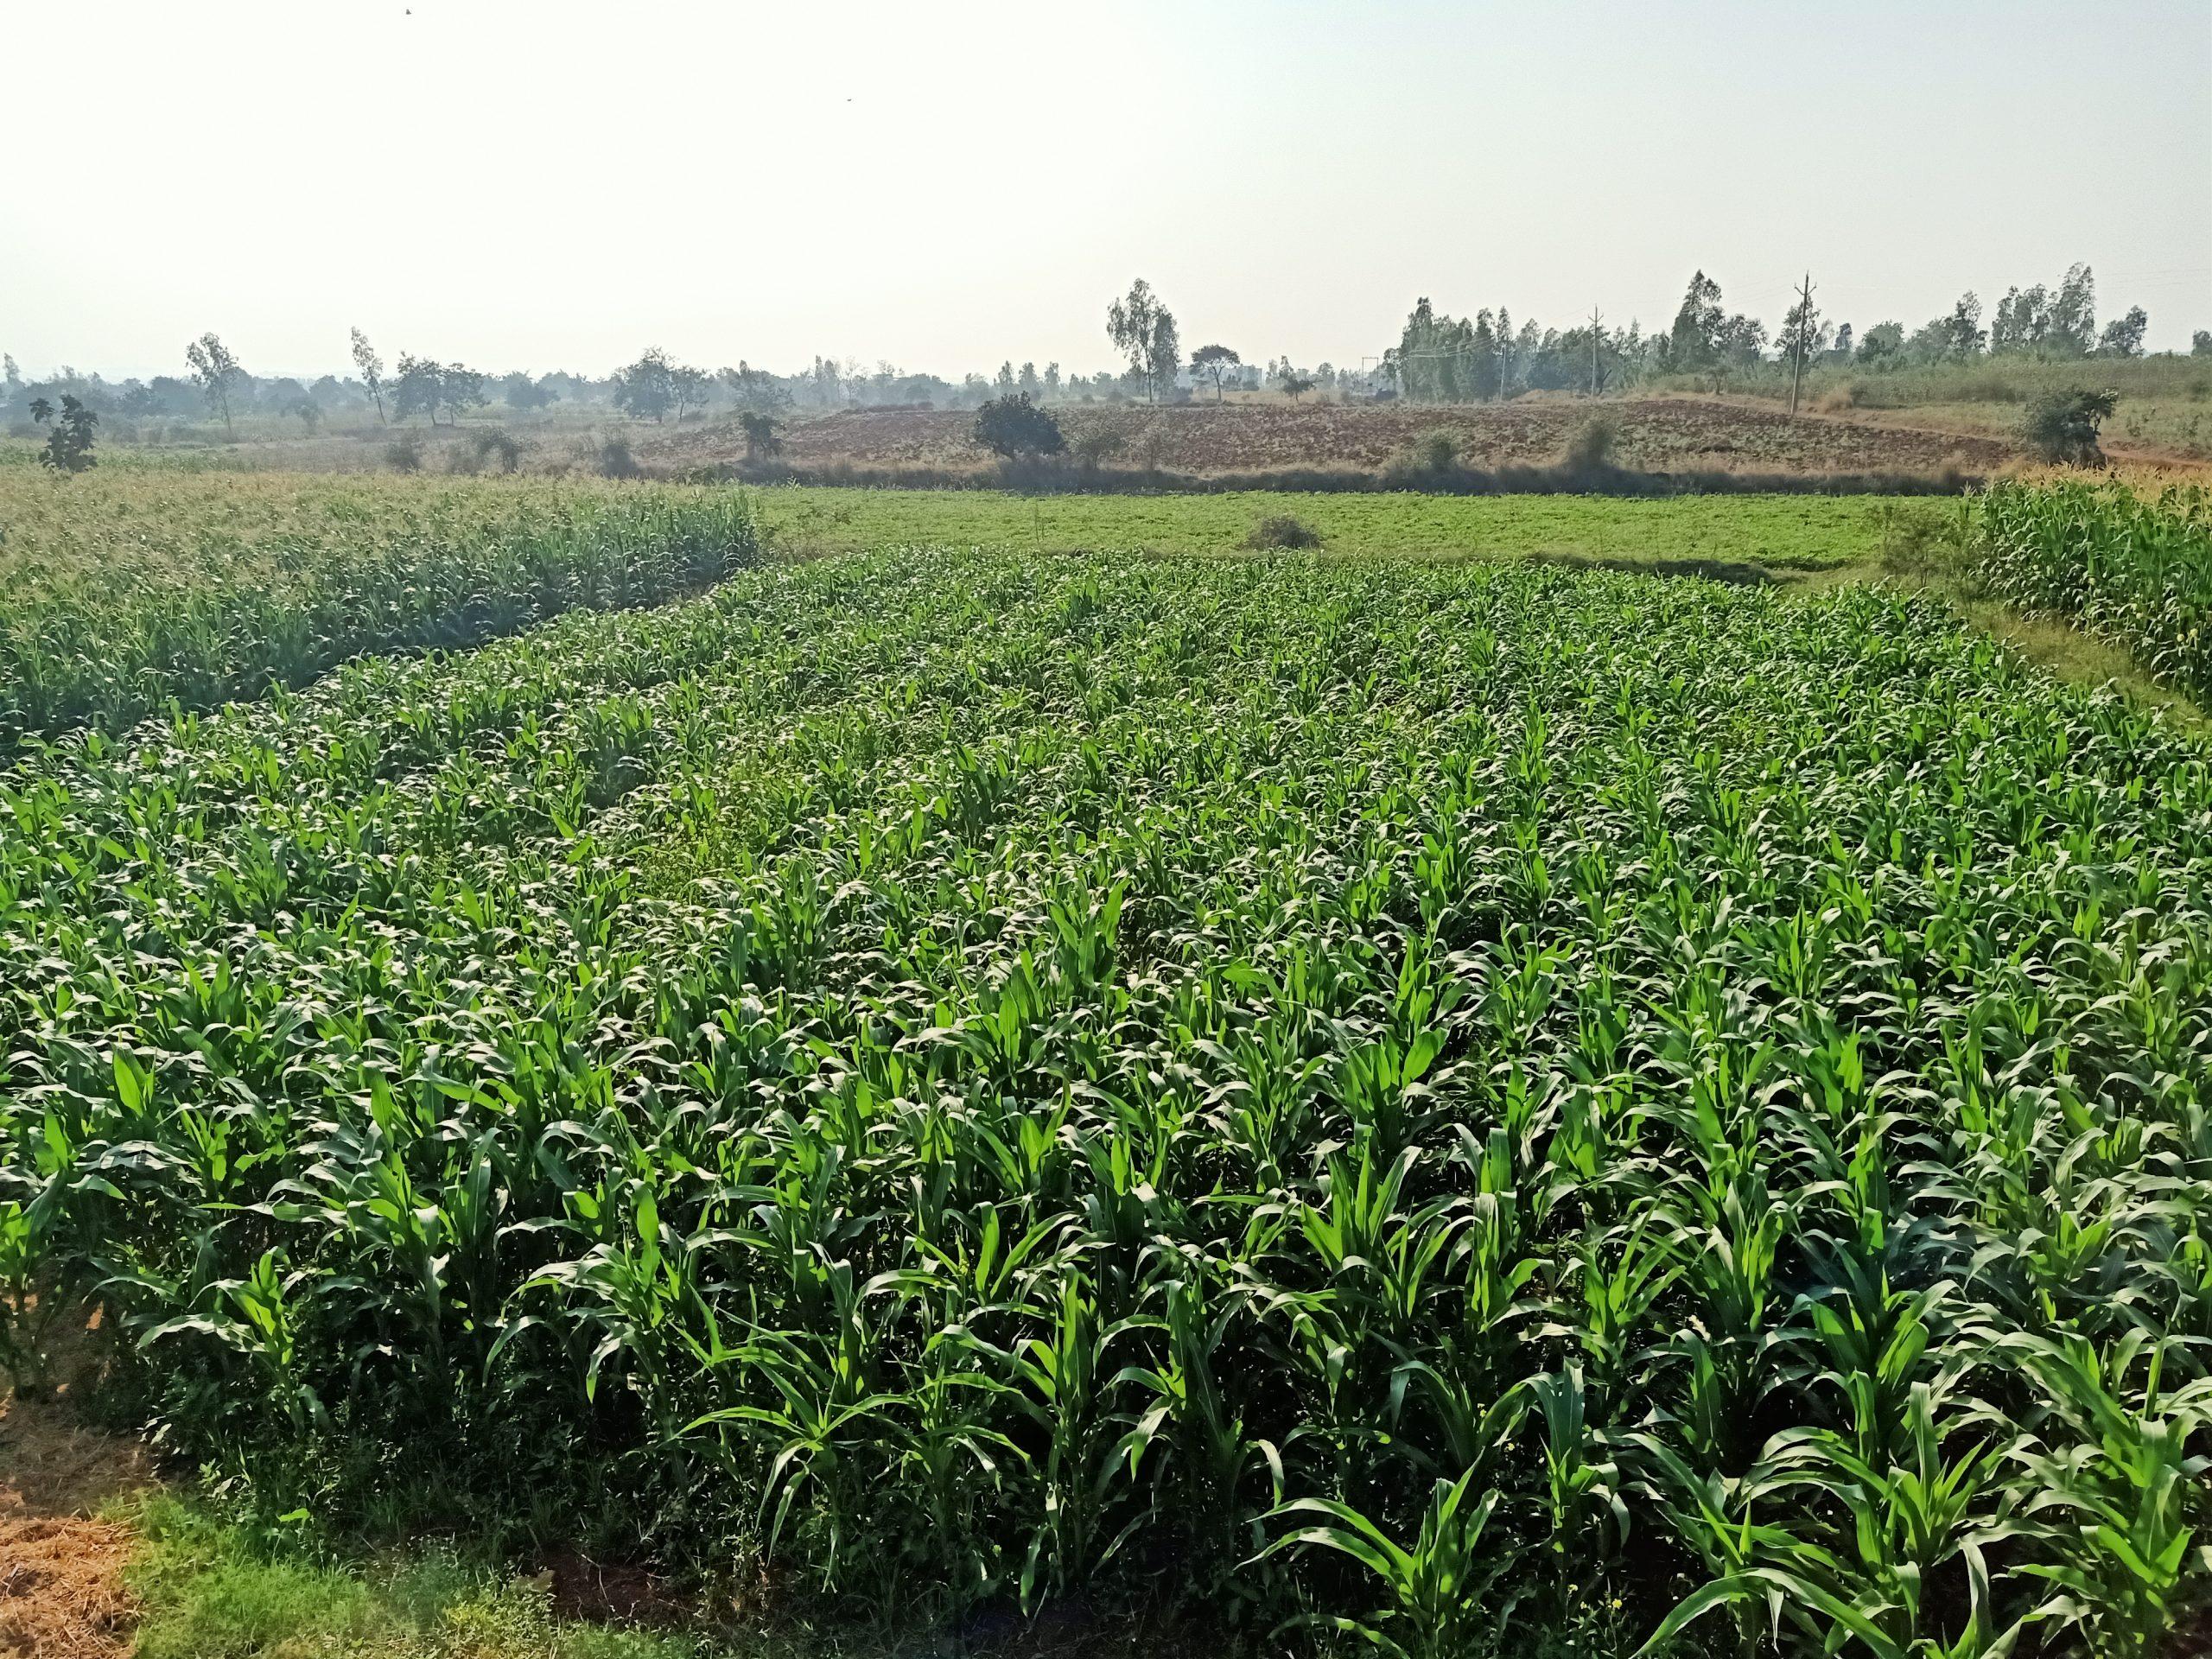 Maize plant fields